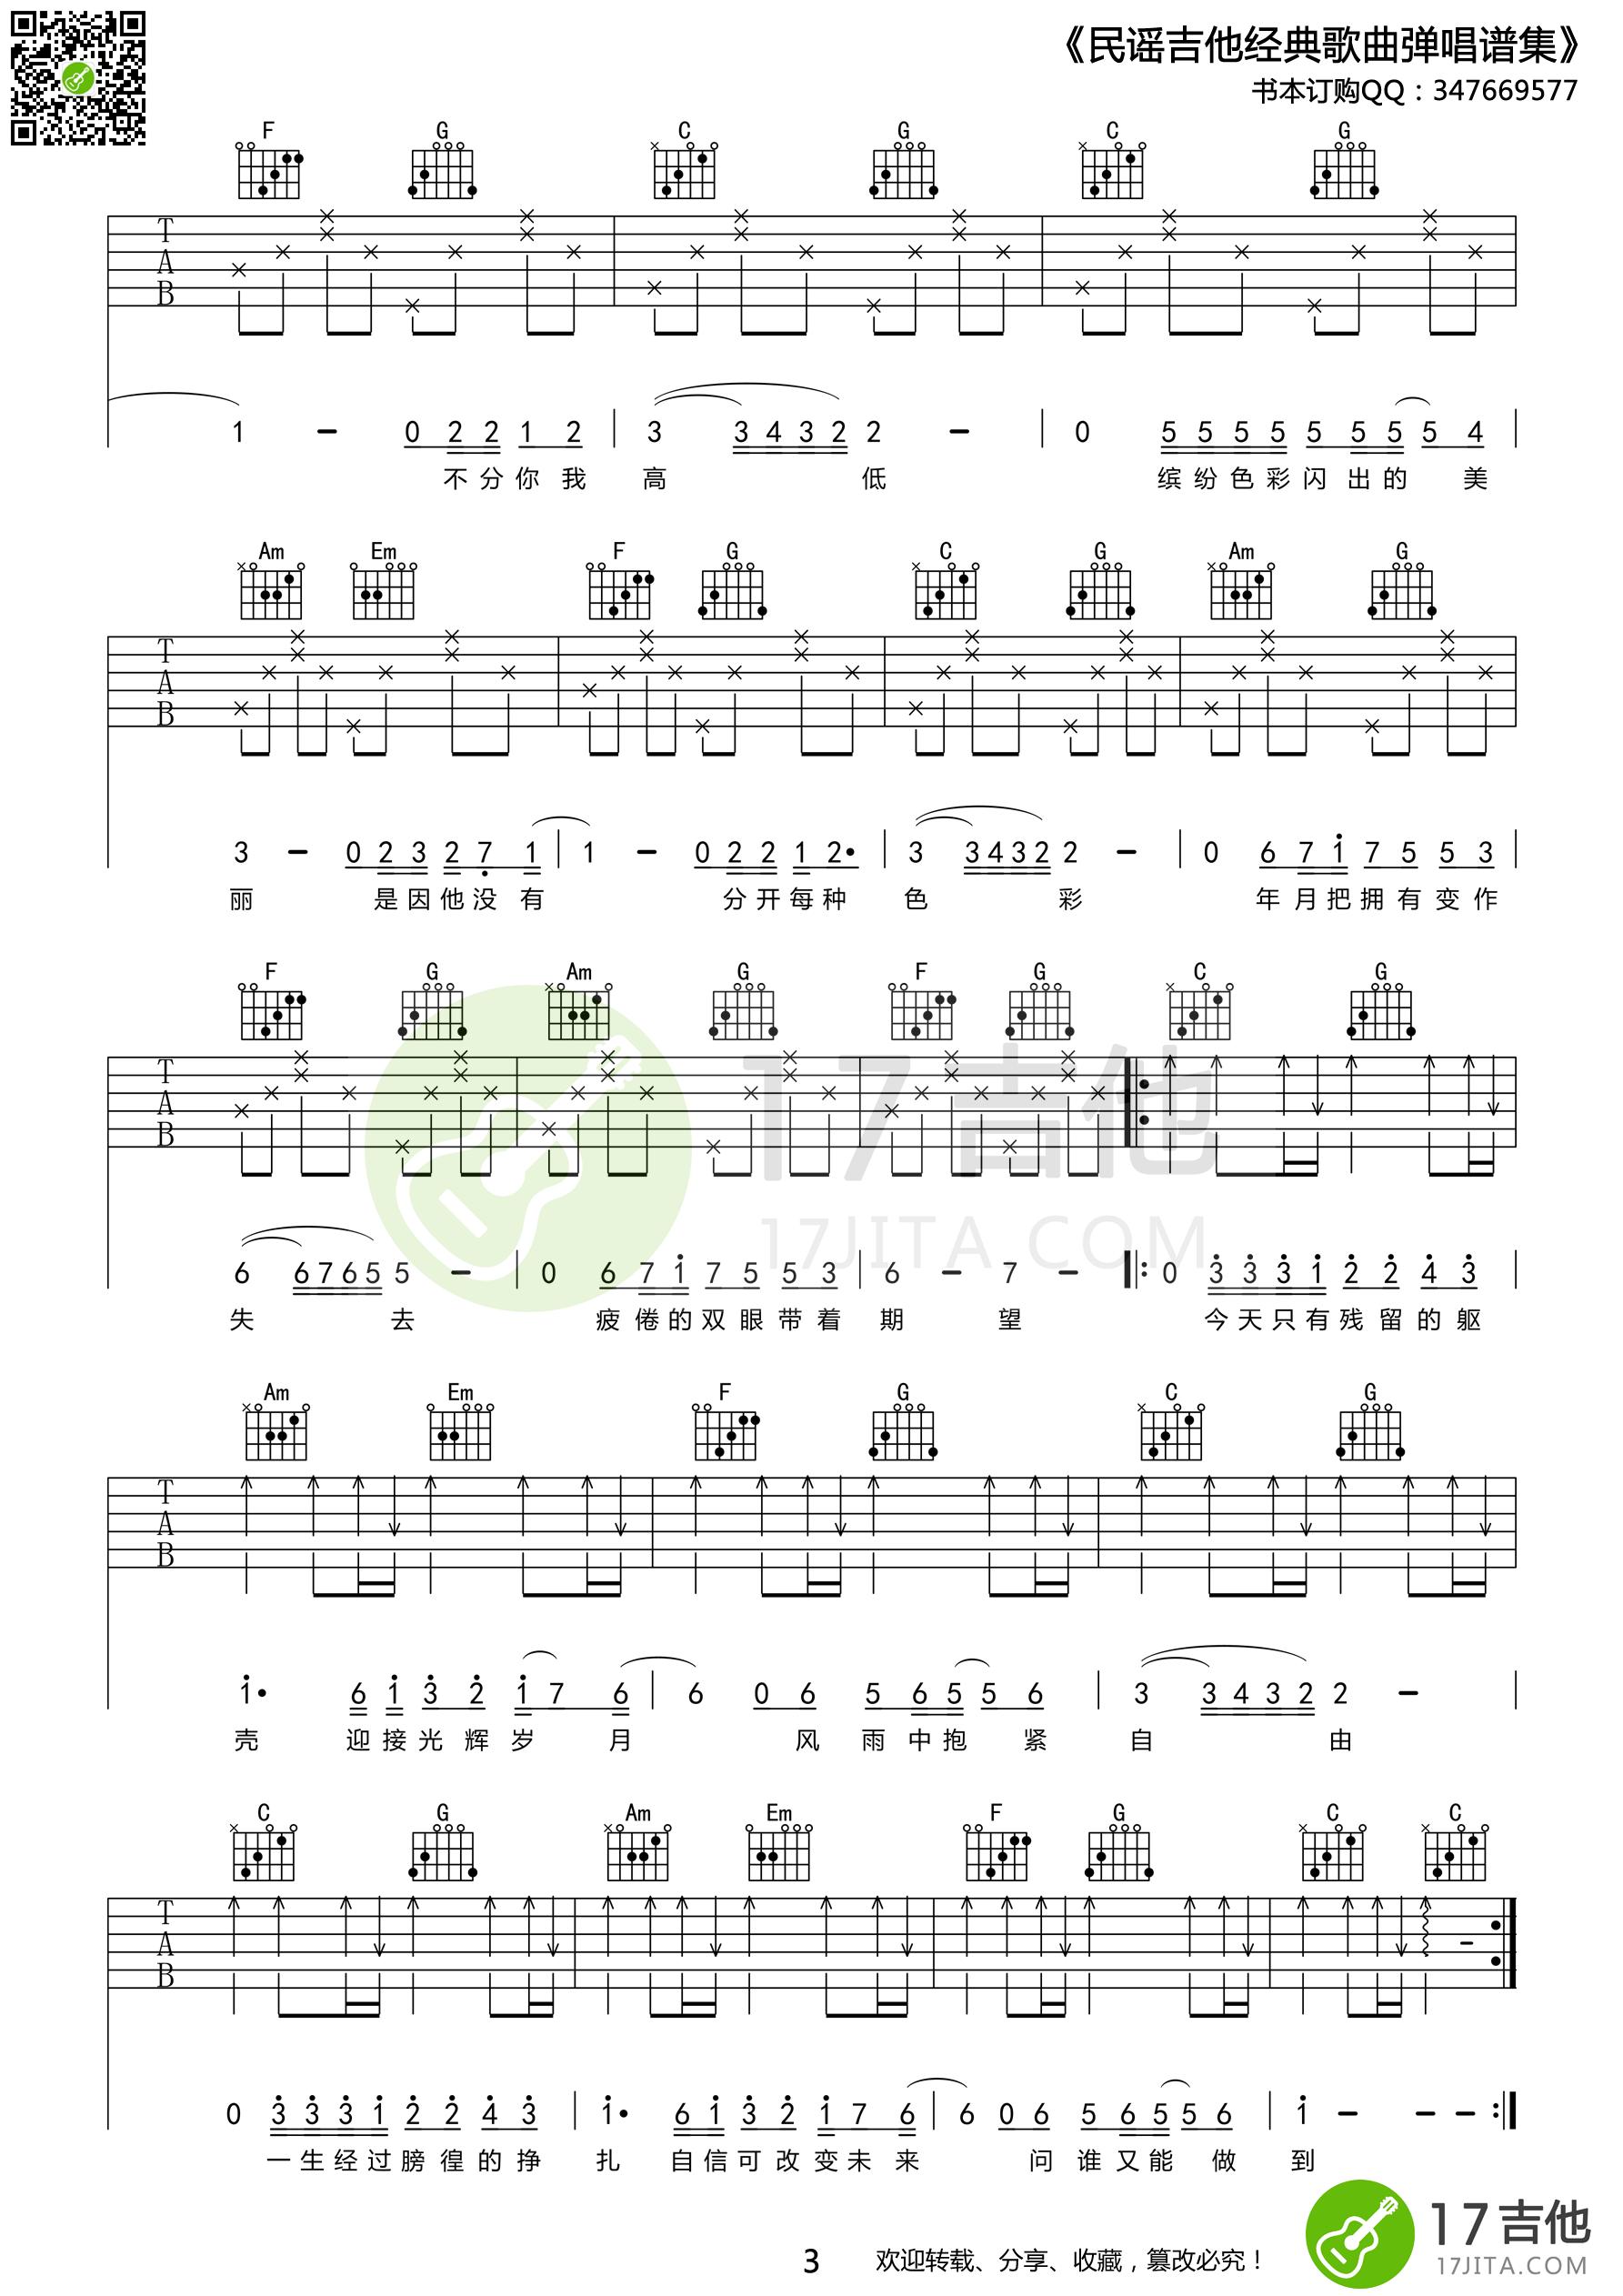 光辉岁月吉他谱-Beyond 一生经过彷徨的挣扎3